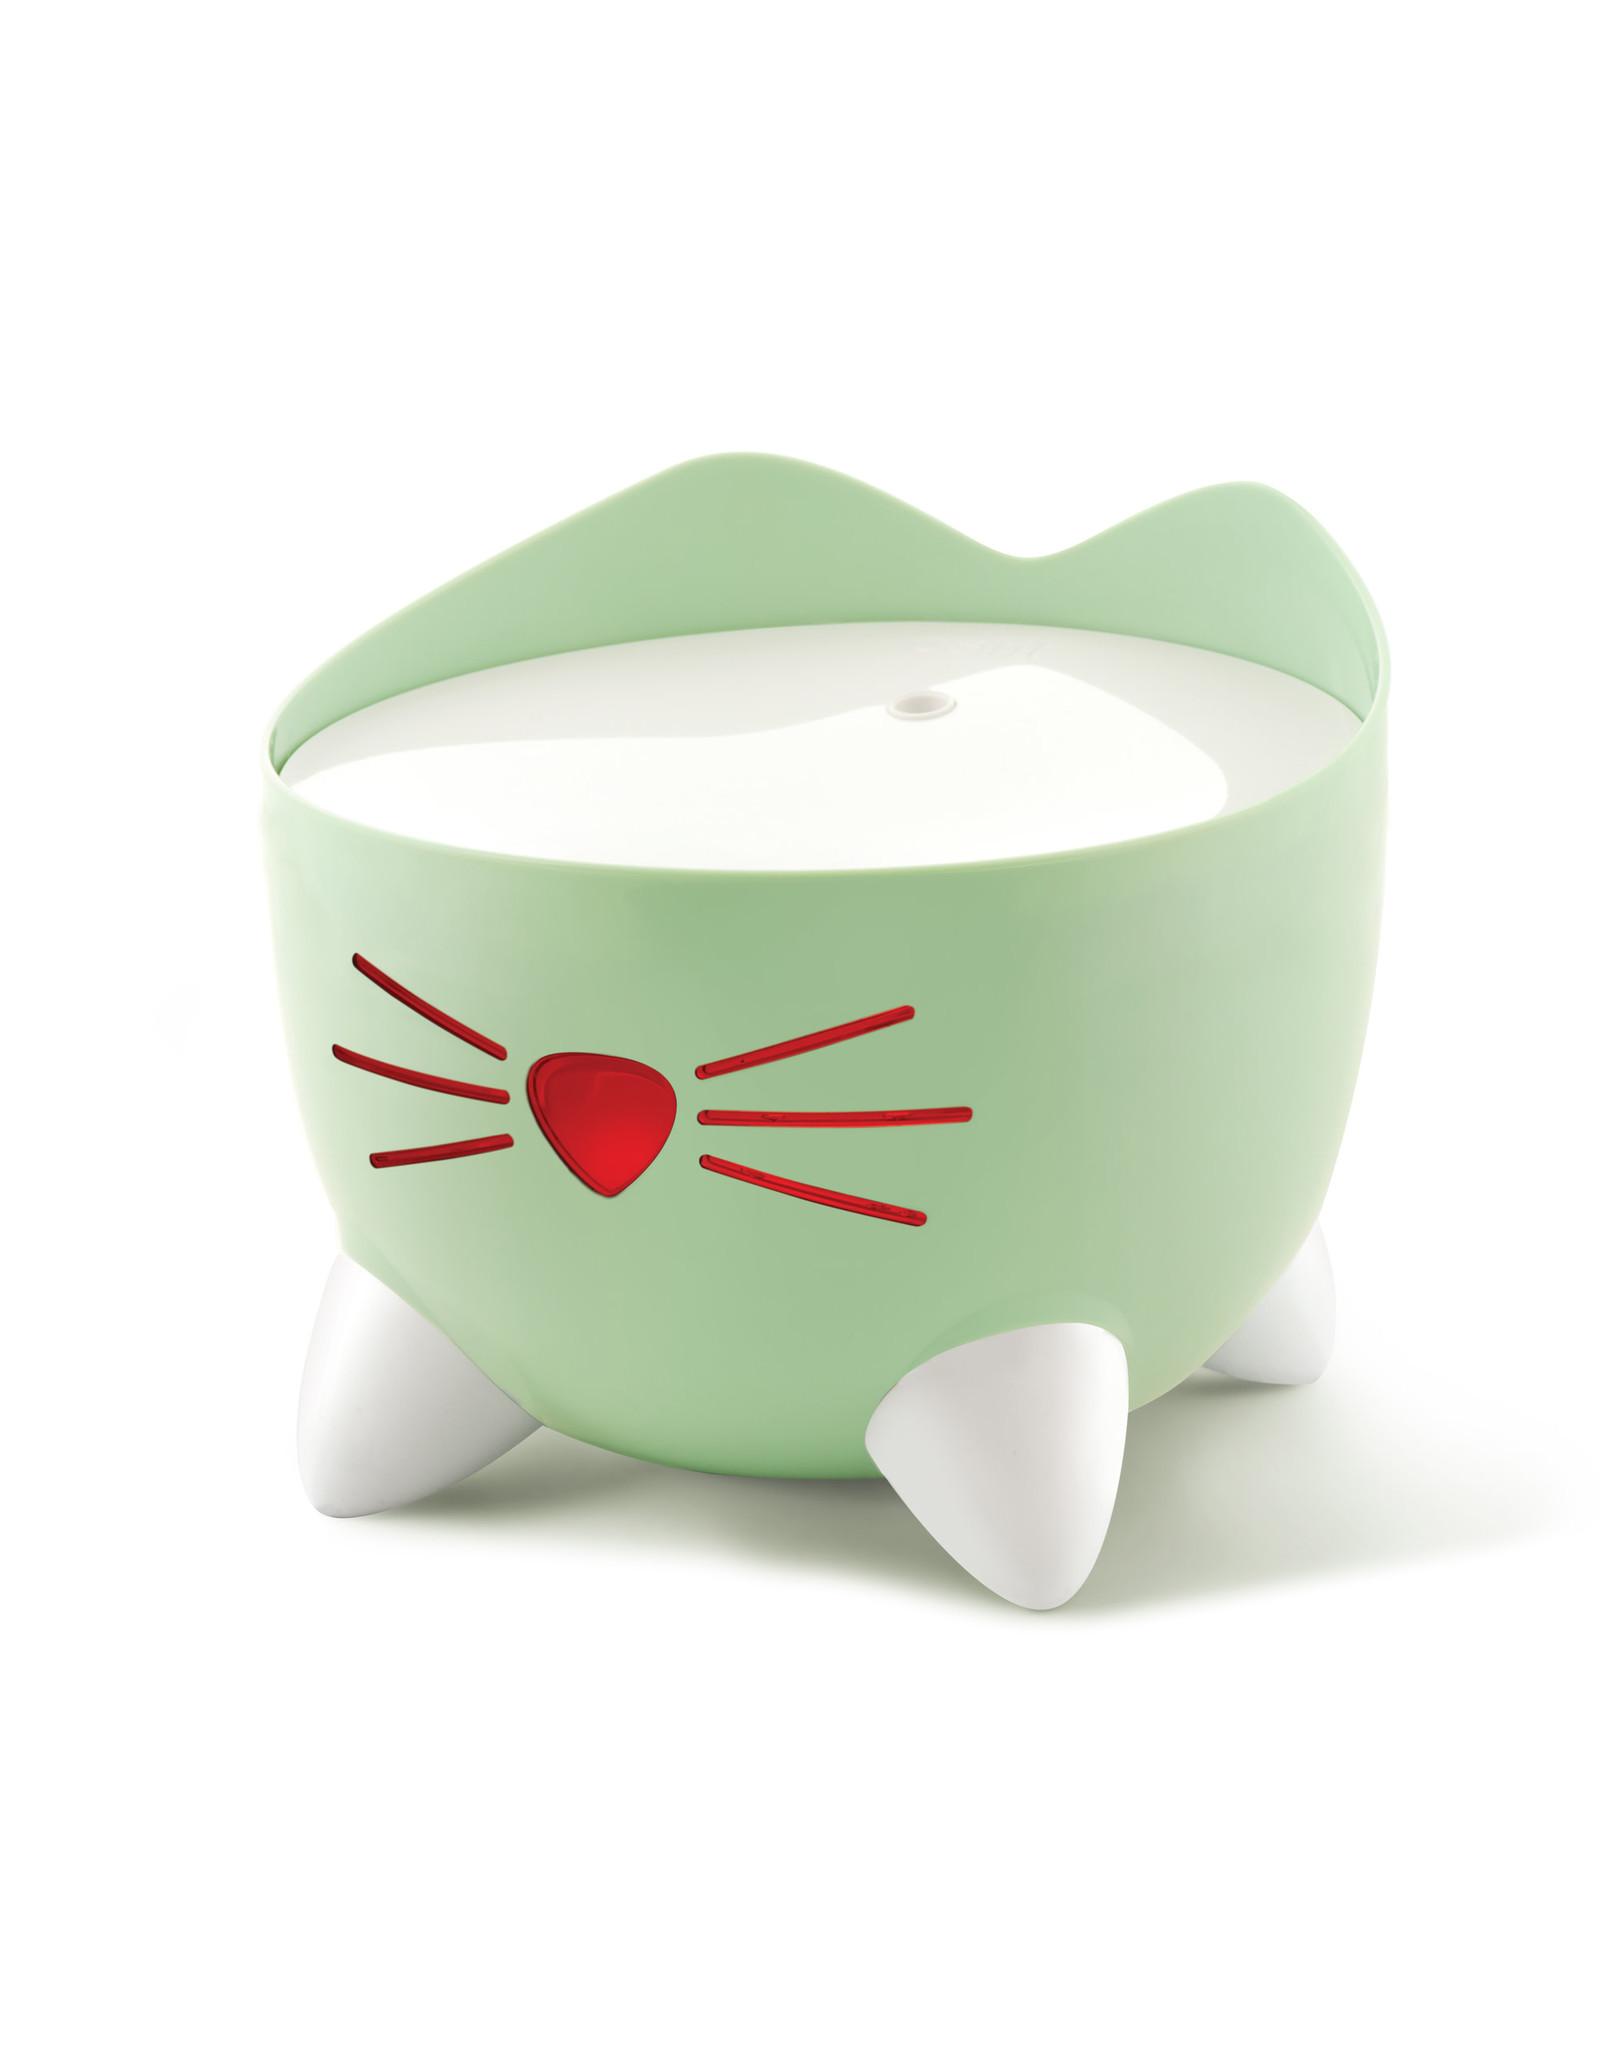 CatIt Catit PIXI Fountain Mint Green 2.5L